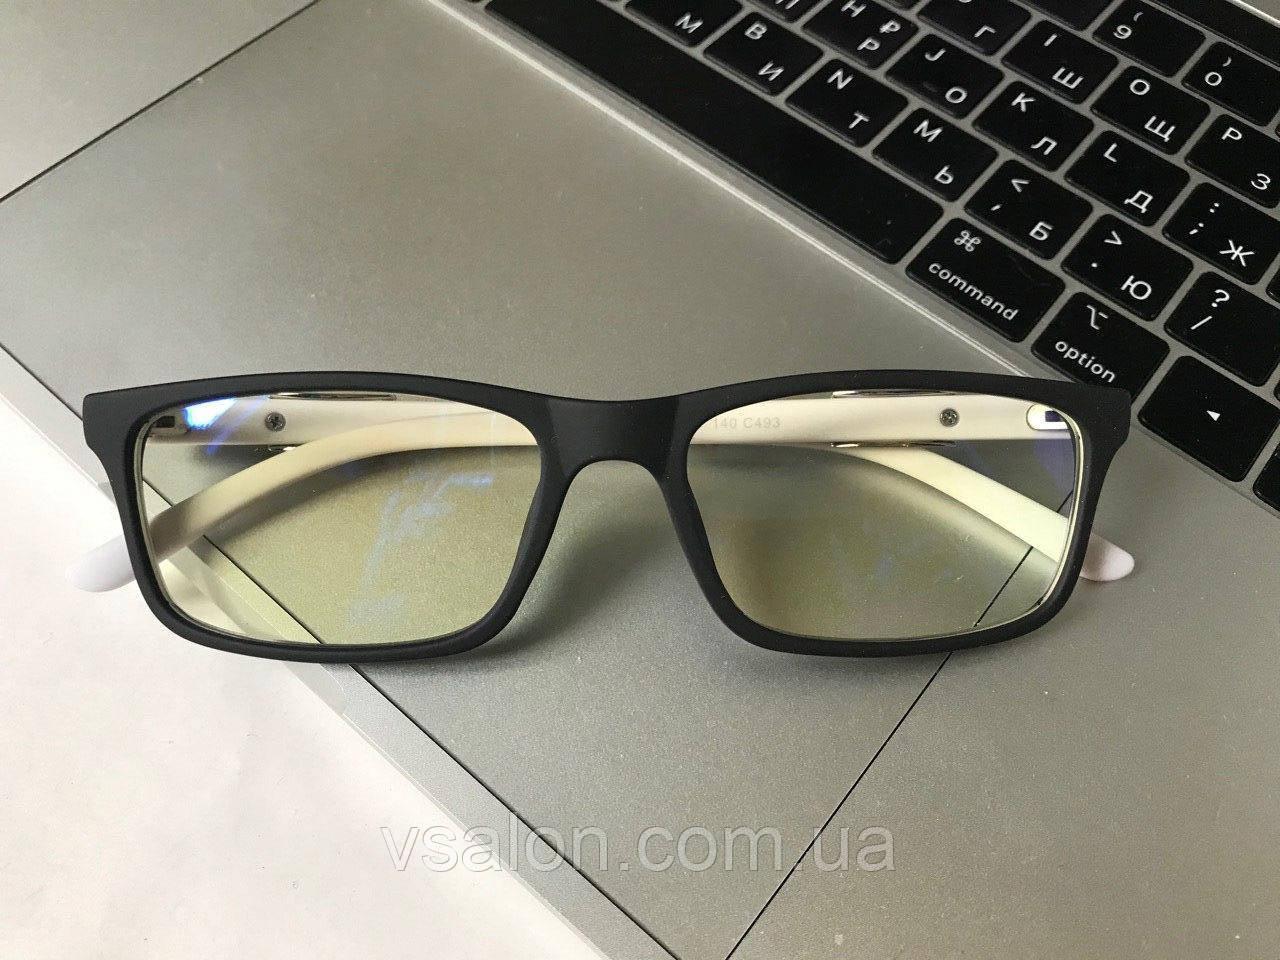 Захищають комп'ютерні окуляри ЕАЕ 2085 матові